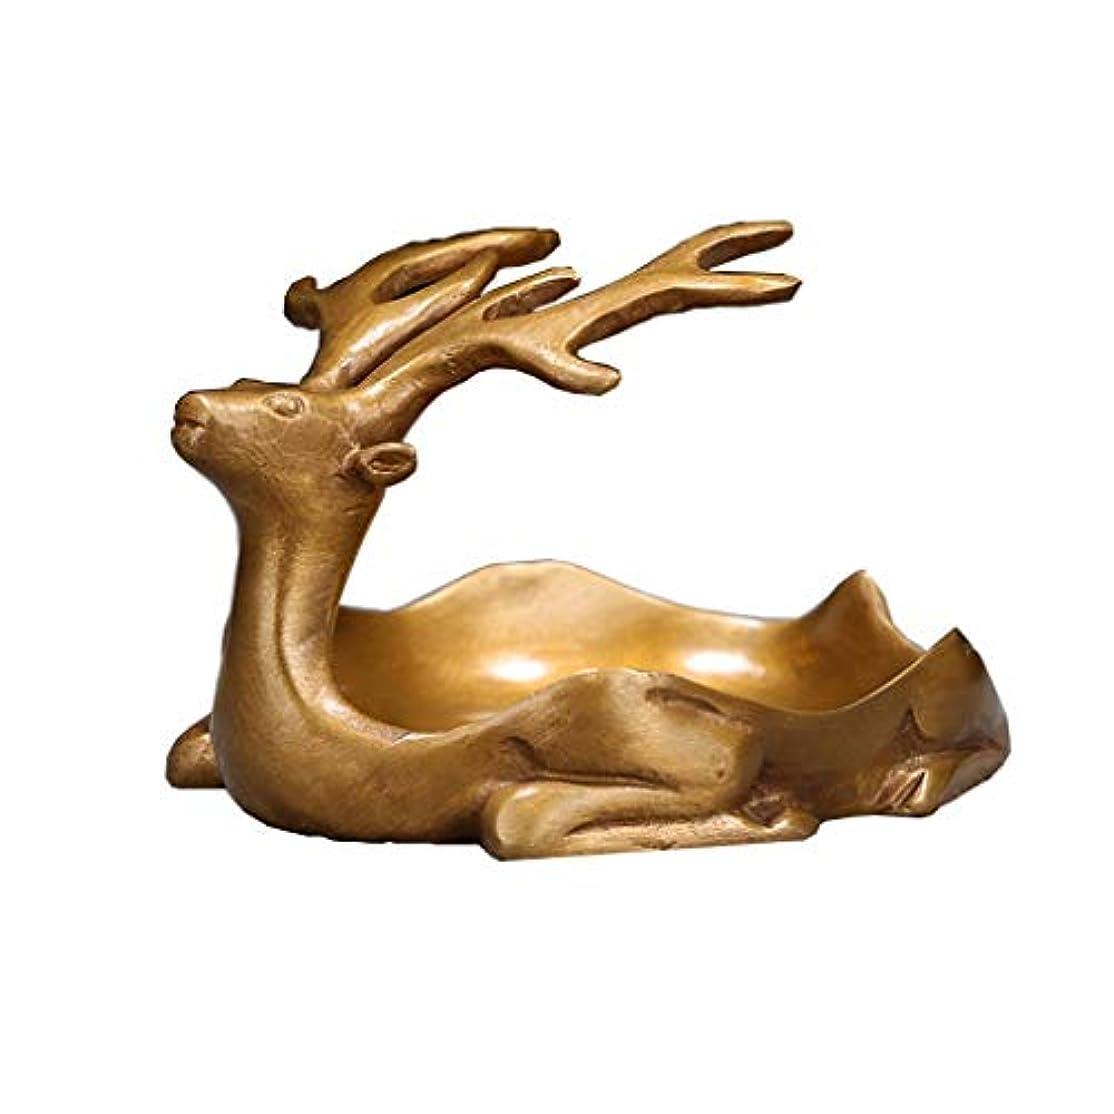 ネーピアピアニスト冷蔵庫芳香器?アロマバーナー 純粋な銅アンティーク子鹿香バーナーホーム屋内香ビャクダン茶セレモニー香バーナー装飾 アロマバーナー (Color : Brass)